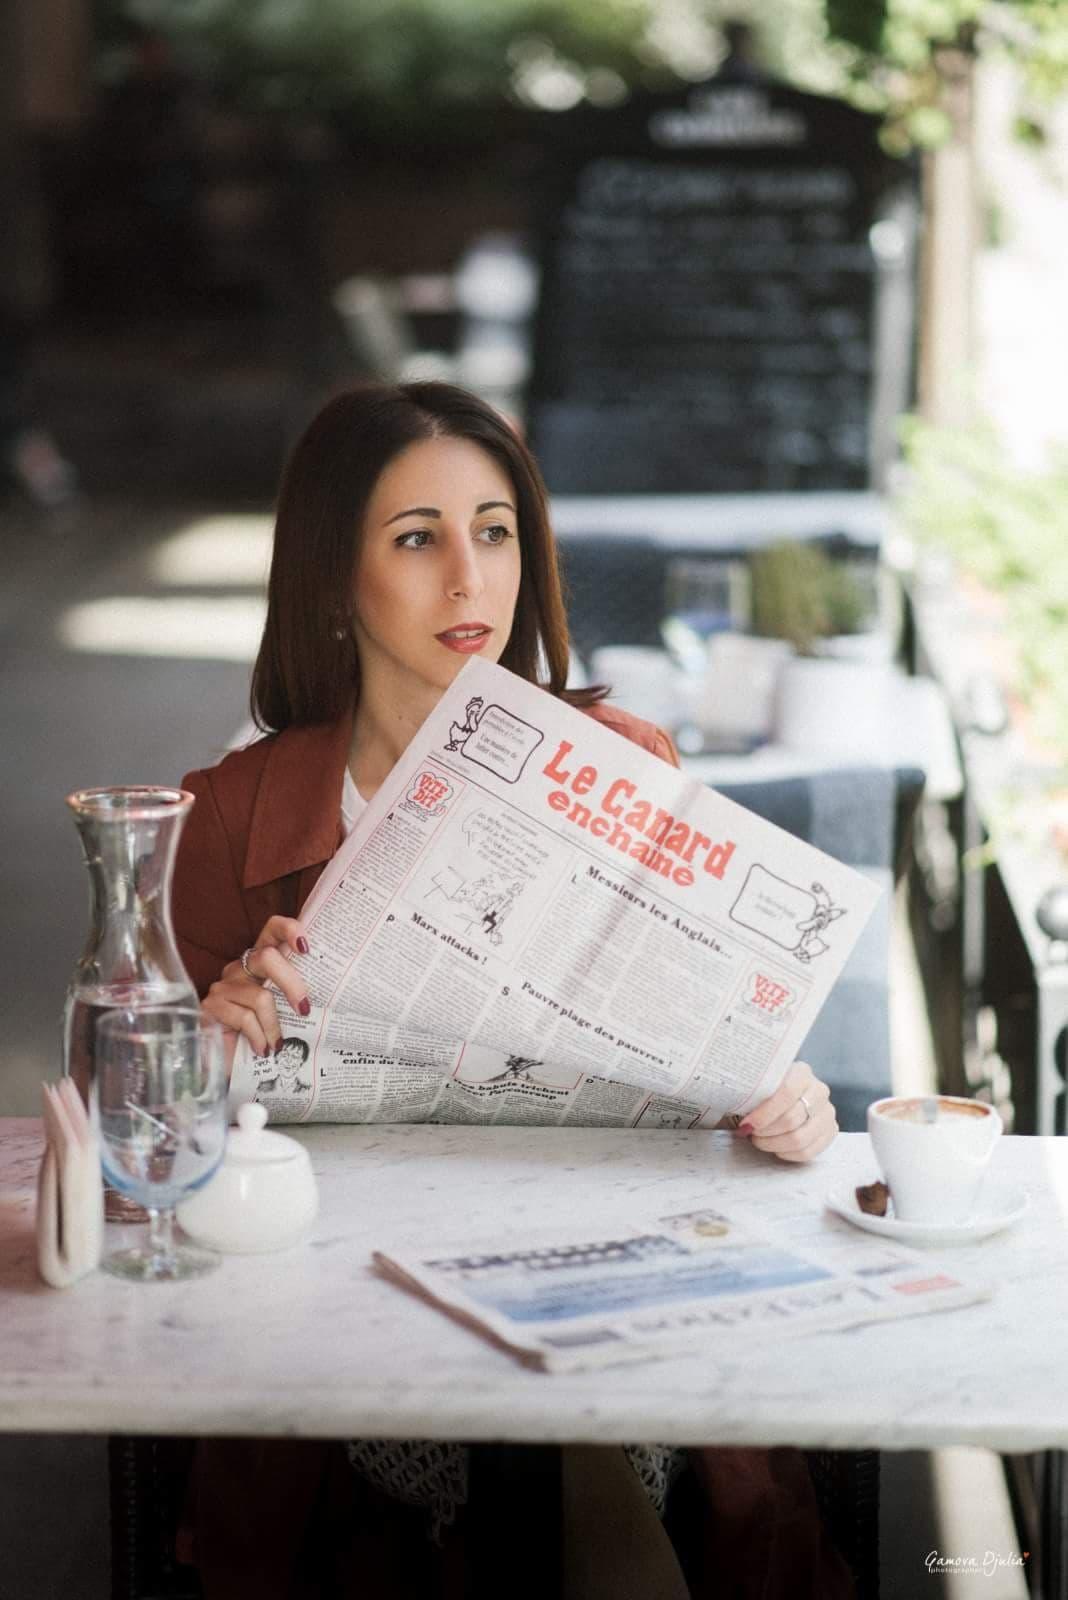 Интервью Тамрико Шоли «Работать ссильными сторонами легче, тытратишь меньше энергии» 3